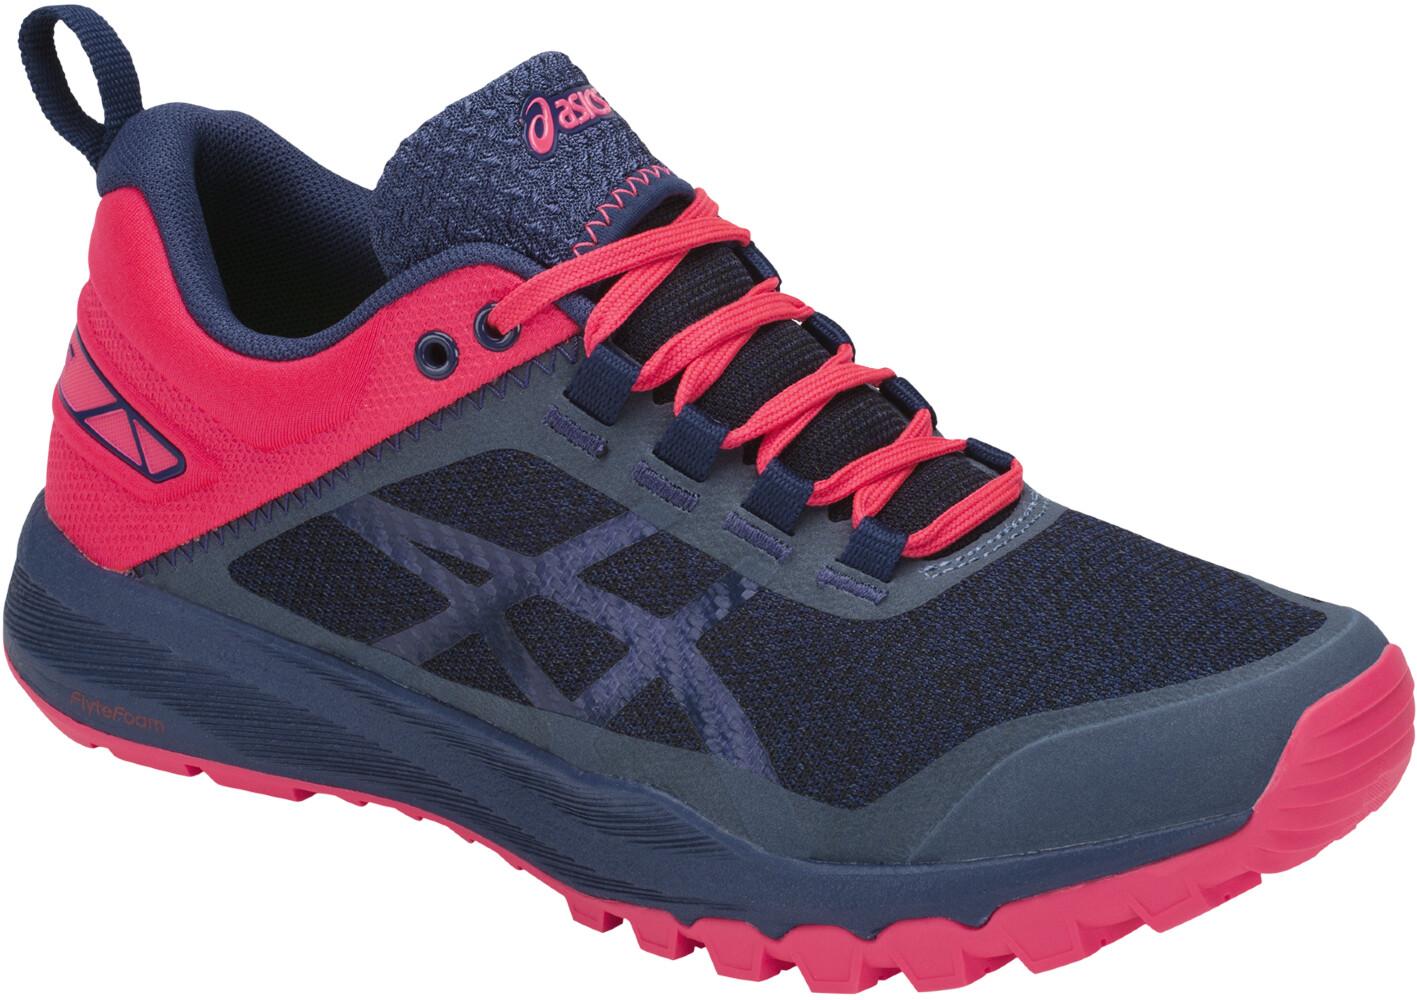 bce92067440 asics Gecko XT - Chaussures running Femme - rose bleu - Boutique de ...